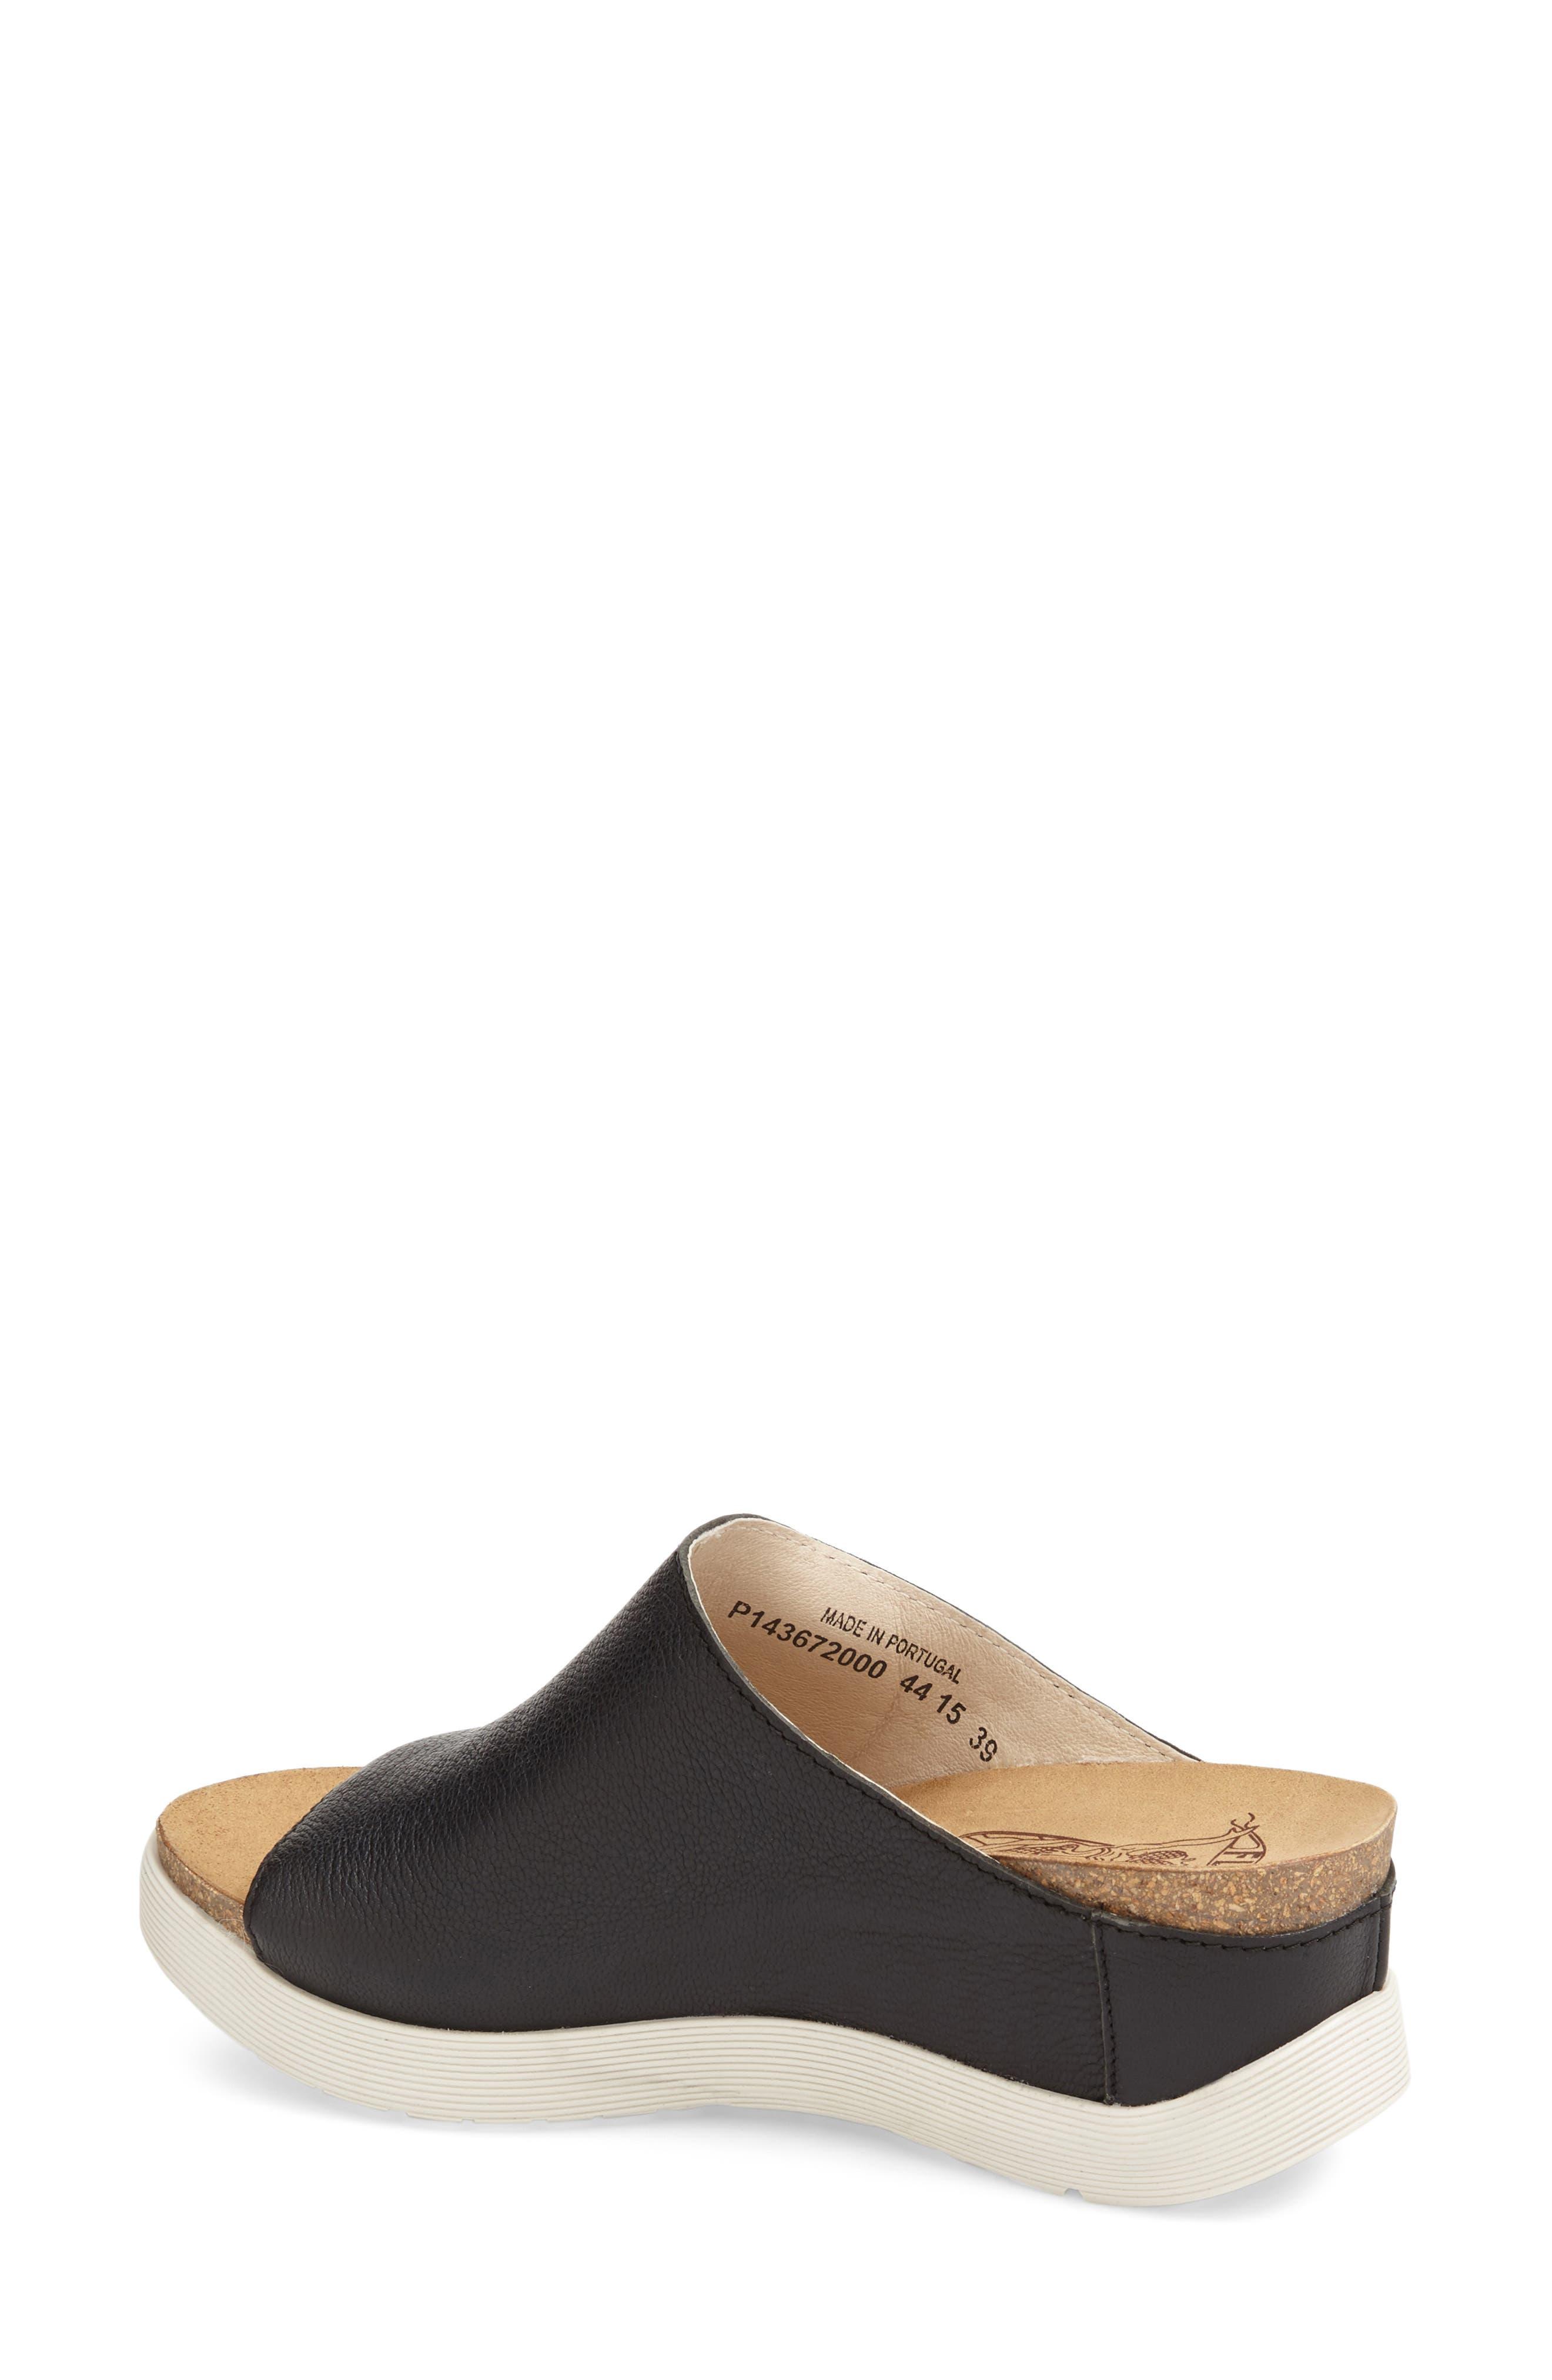 FLY LONDON 'Wigg' Platform Wedge Slide Sandal, Main, color, BLACK LEATHER